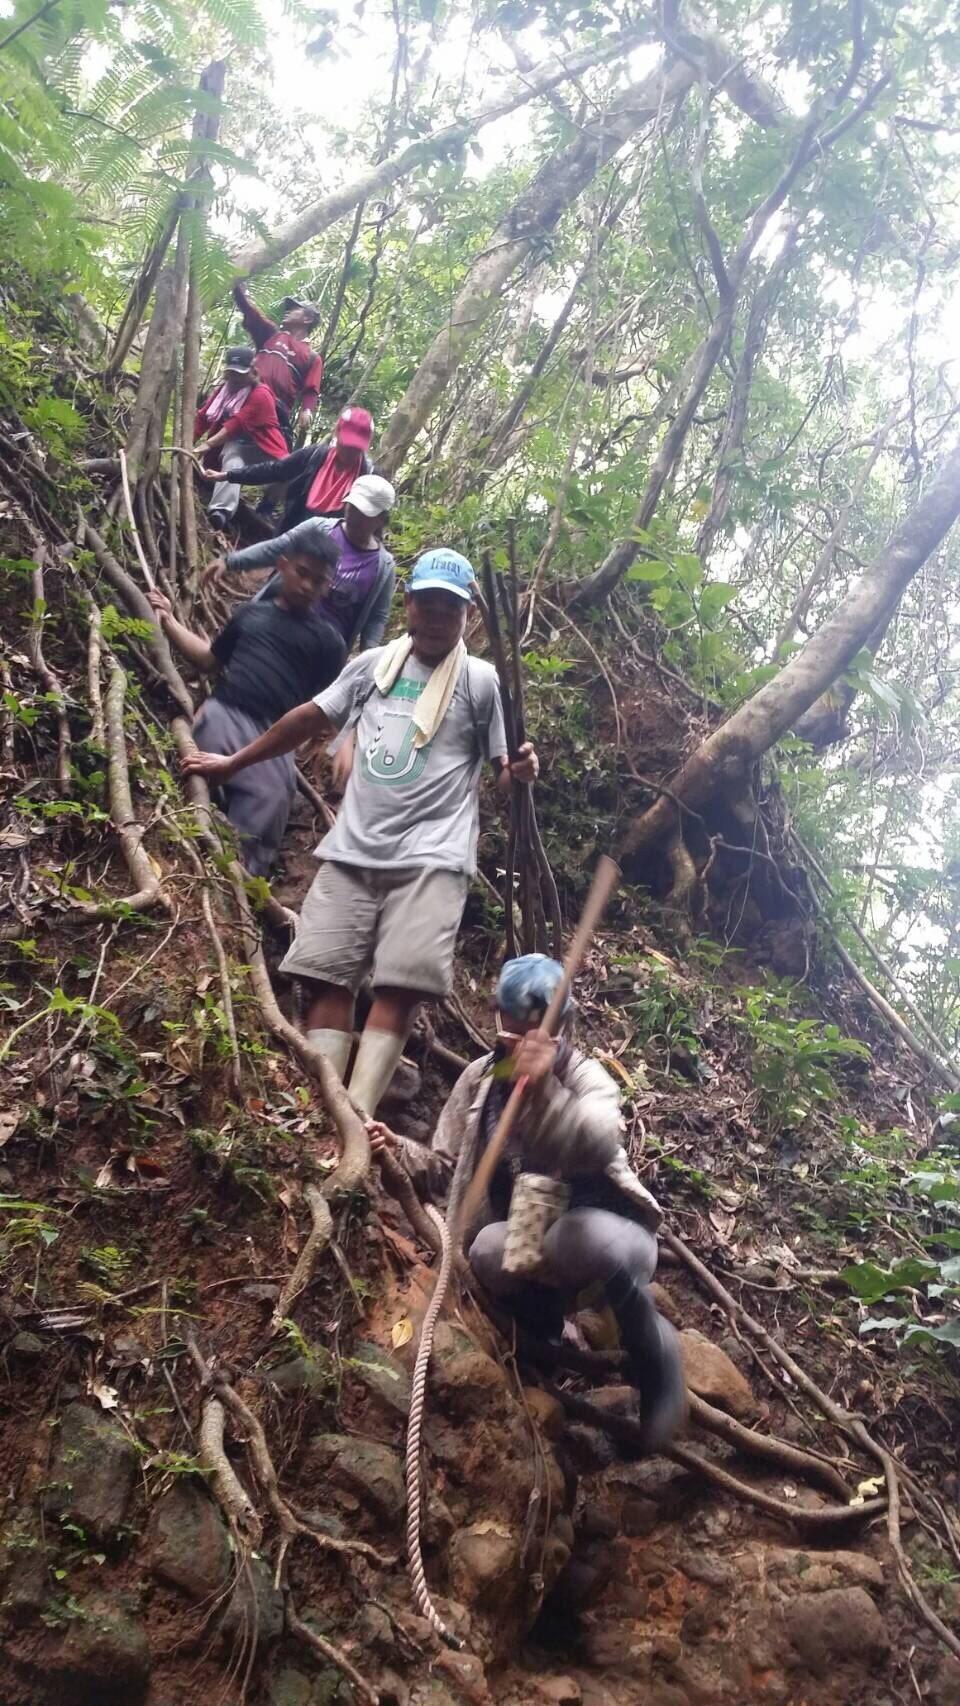 蘭嶼當地解說人員實地走訪天池等景點。圖/蘭嶼鄉公所提供